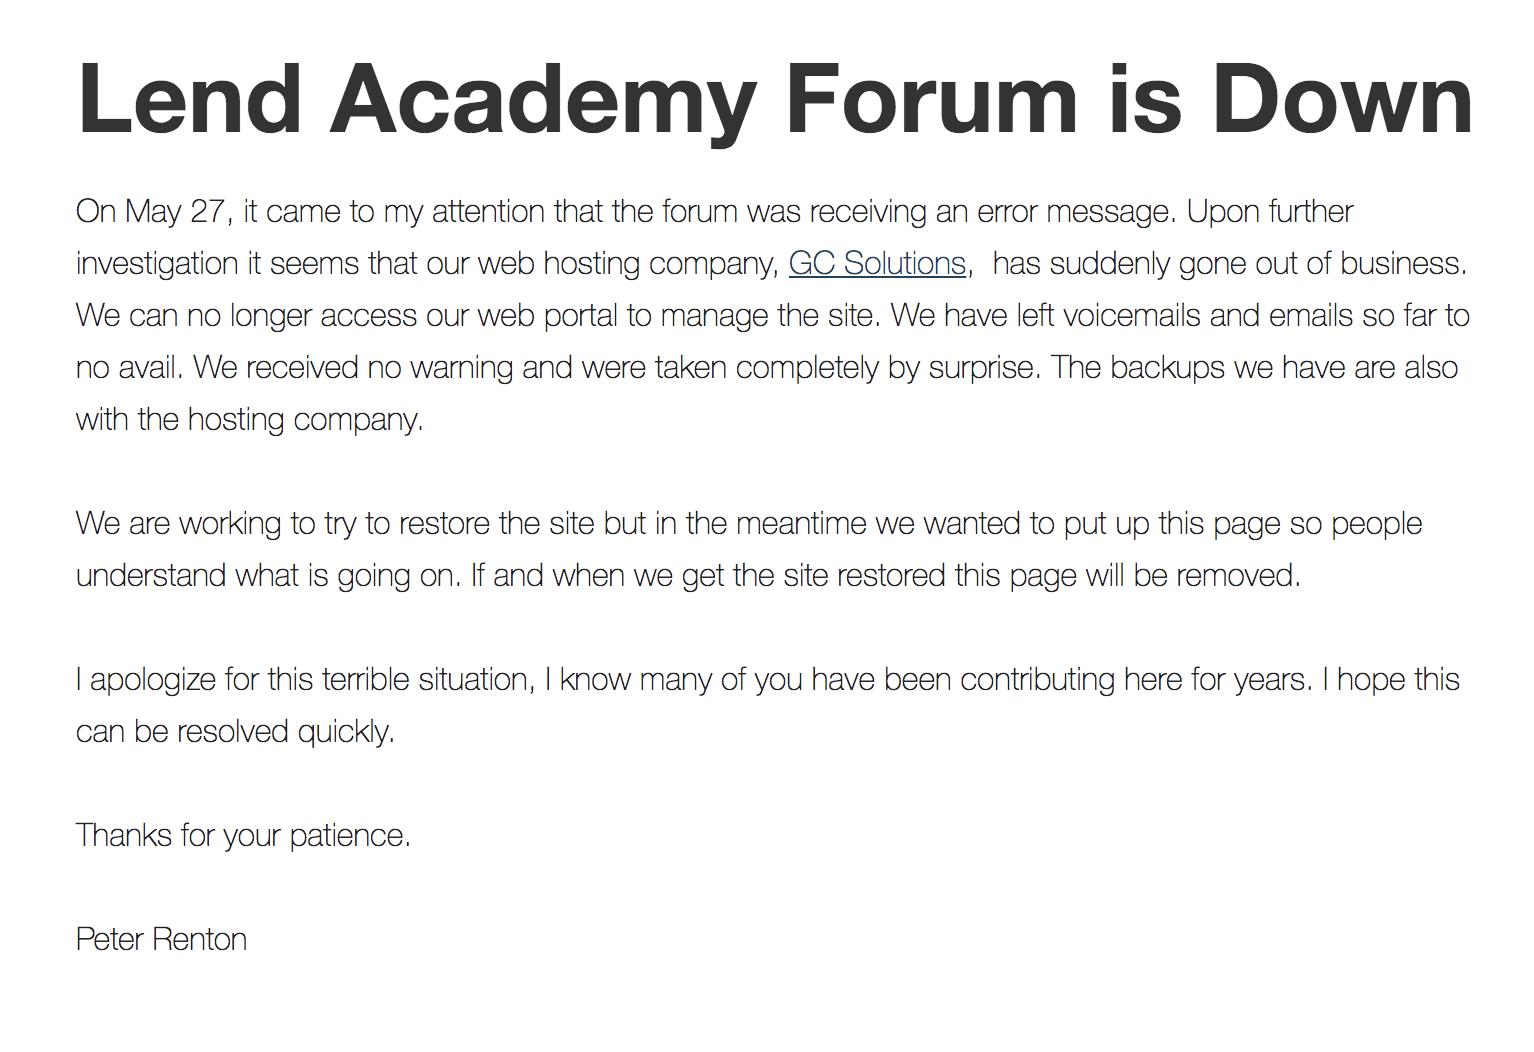 forum down